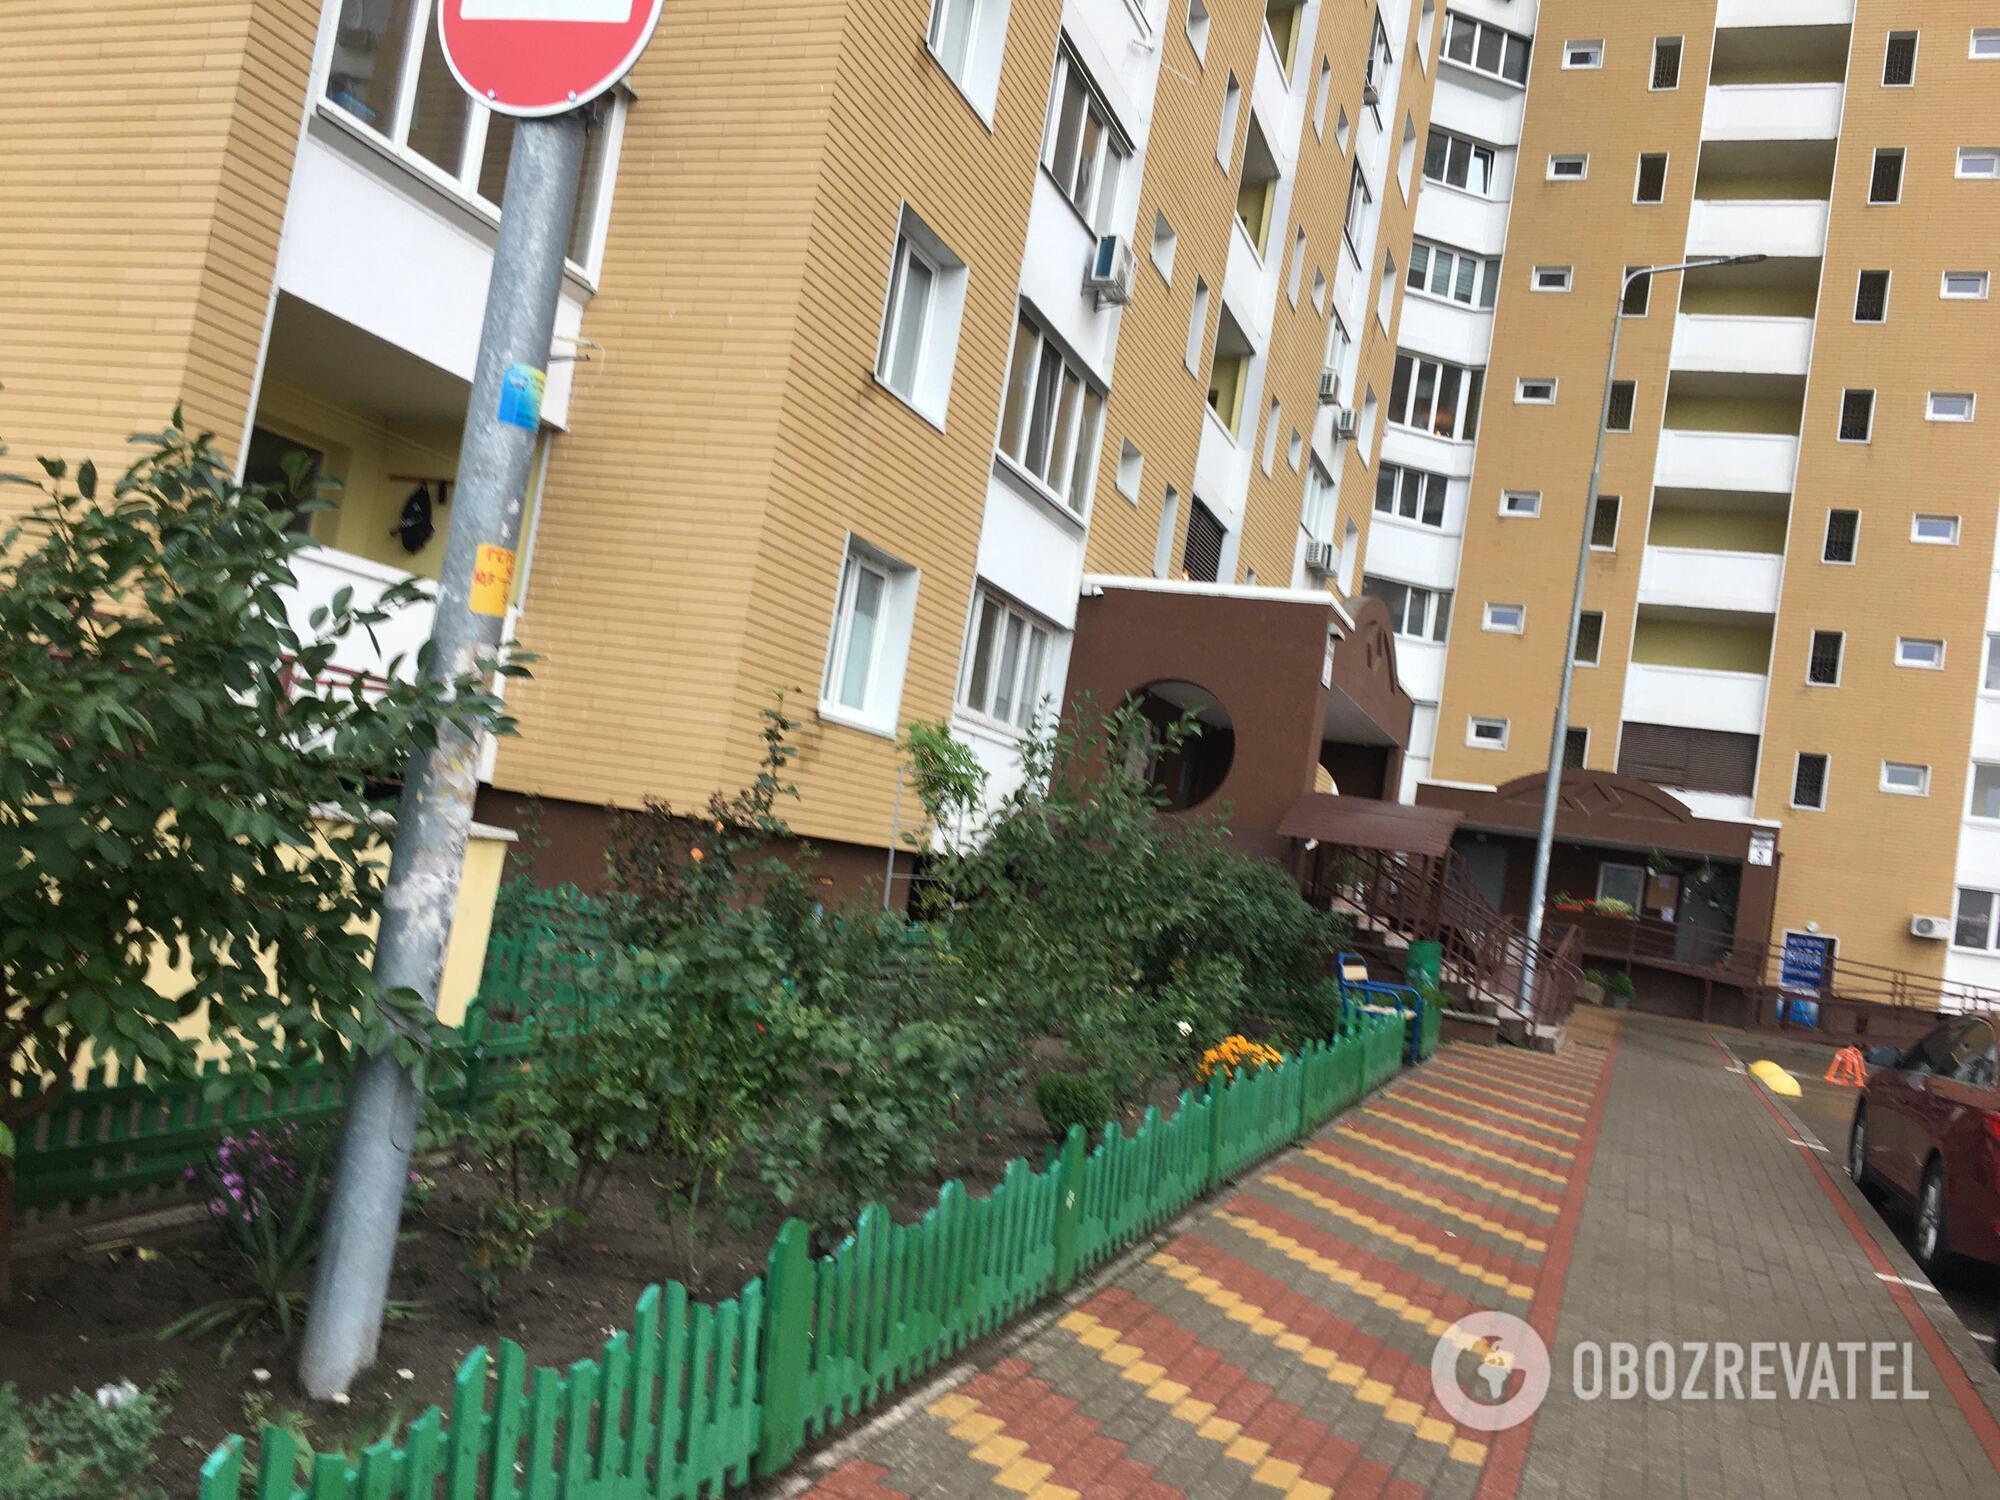 Подъезд, где жил погибший Данила с мамой на улице Данченко